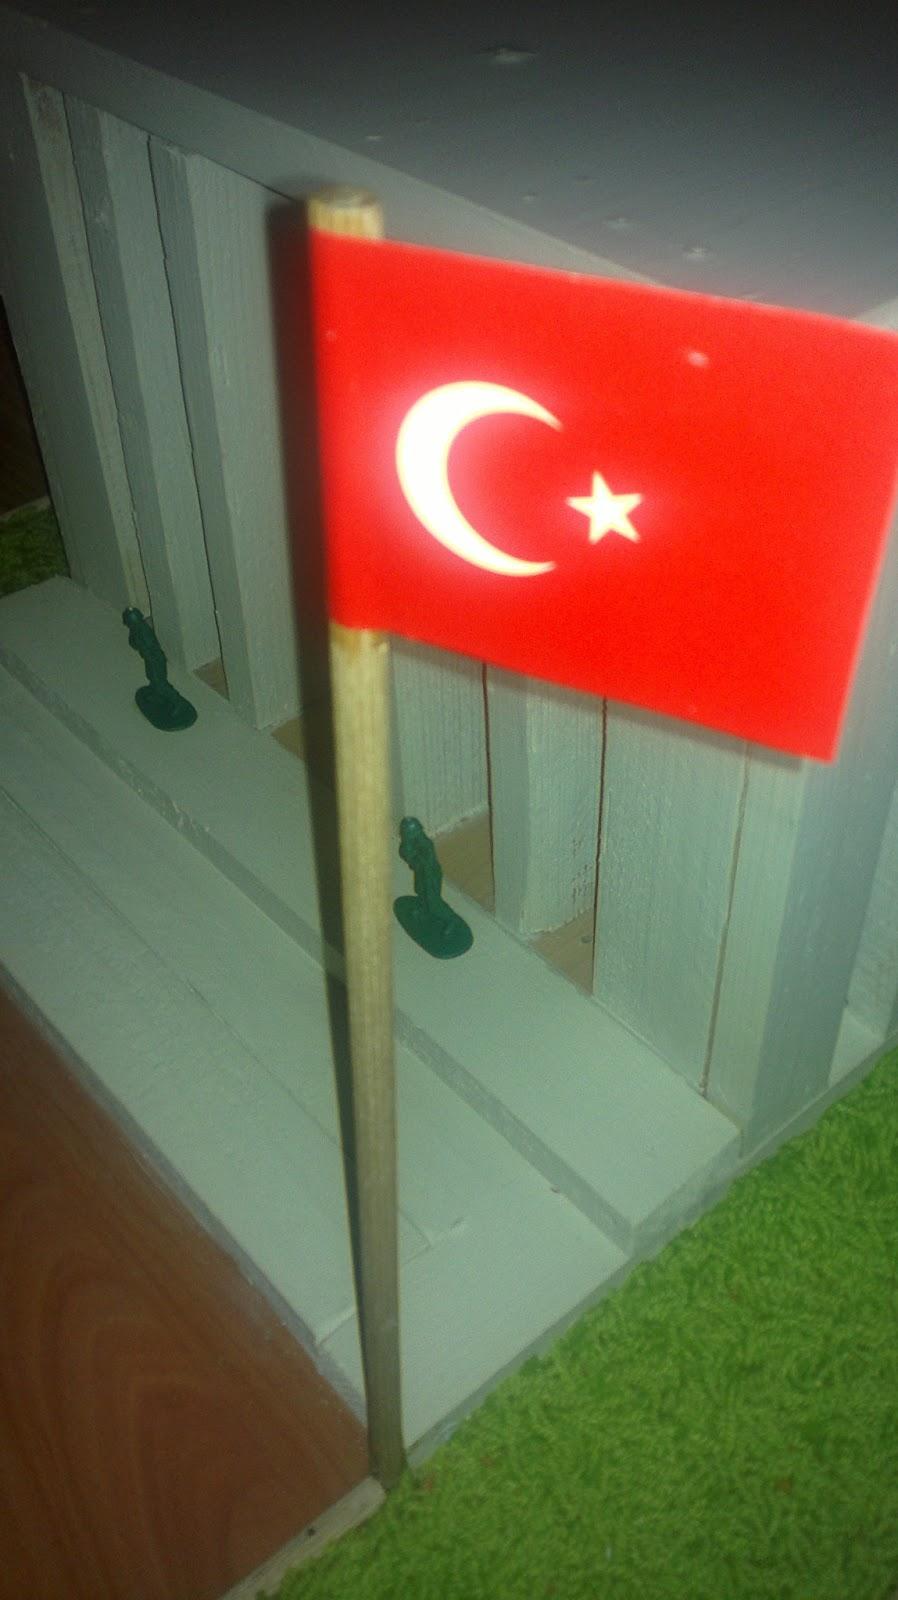 türk bayrağı, anıtkabir